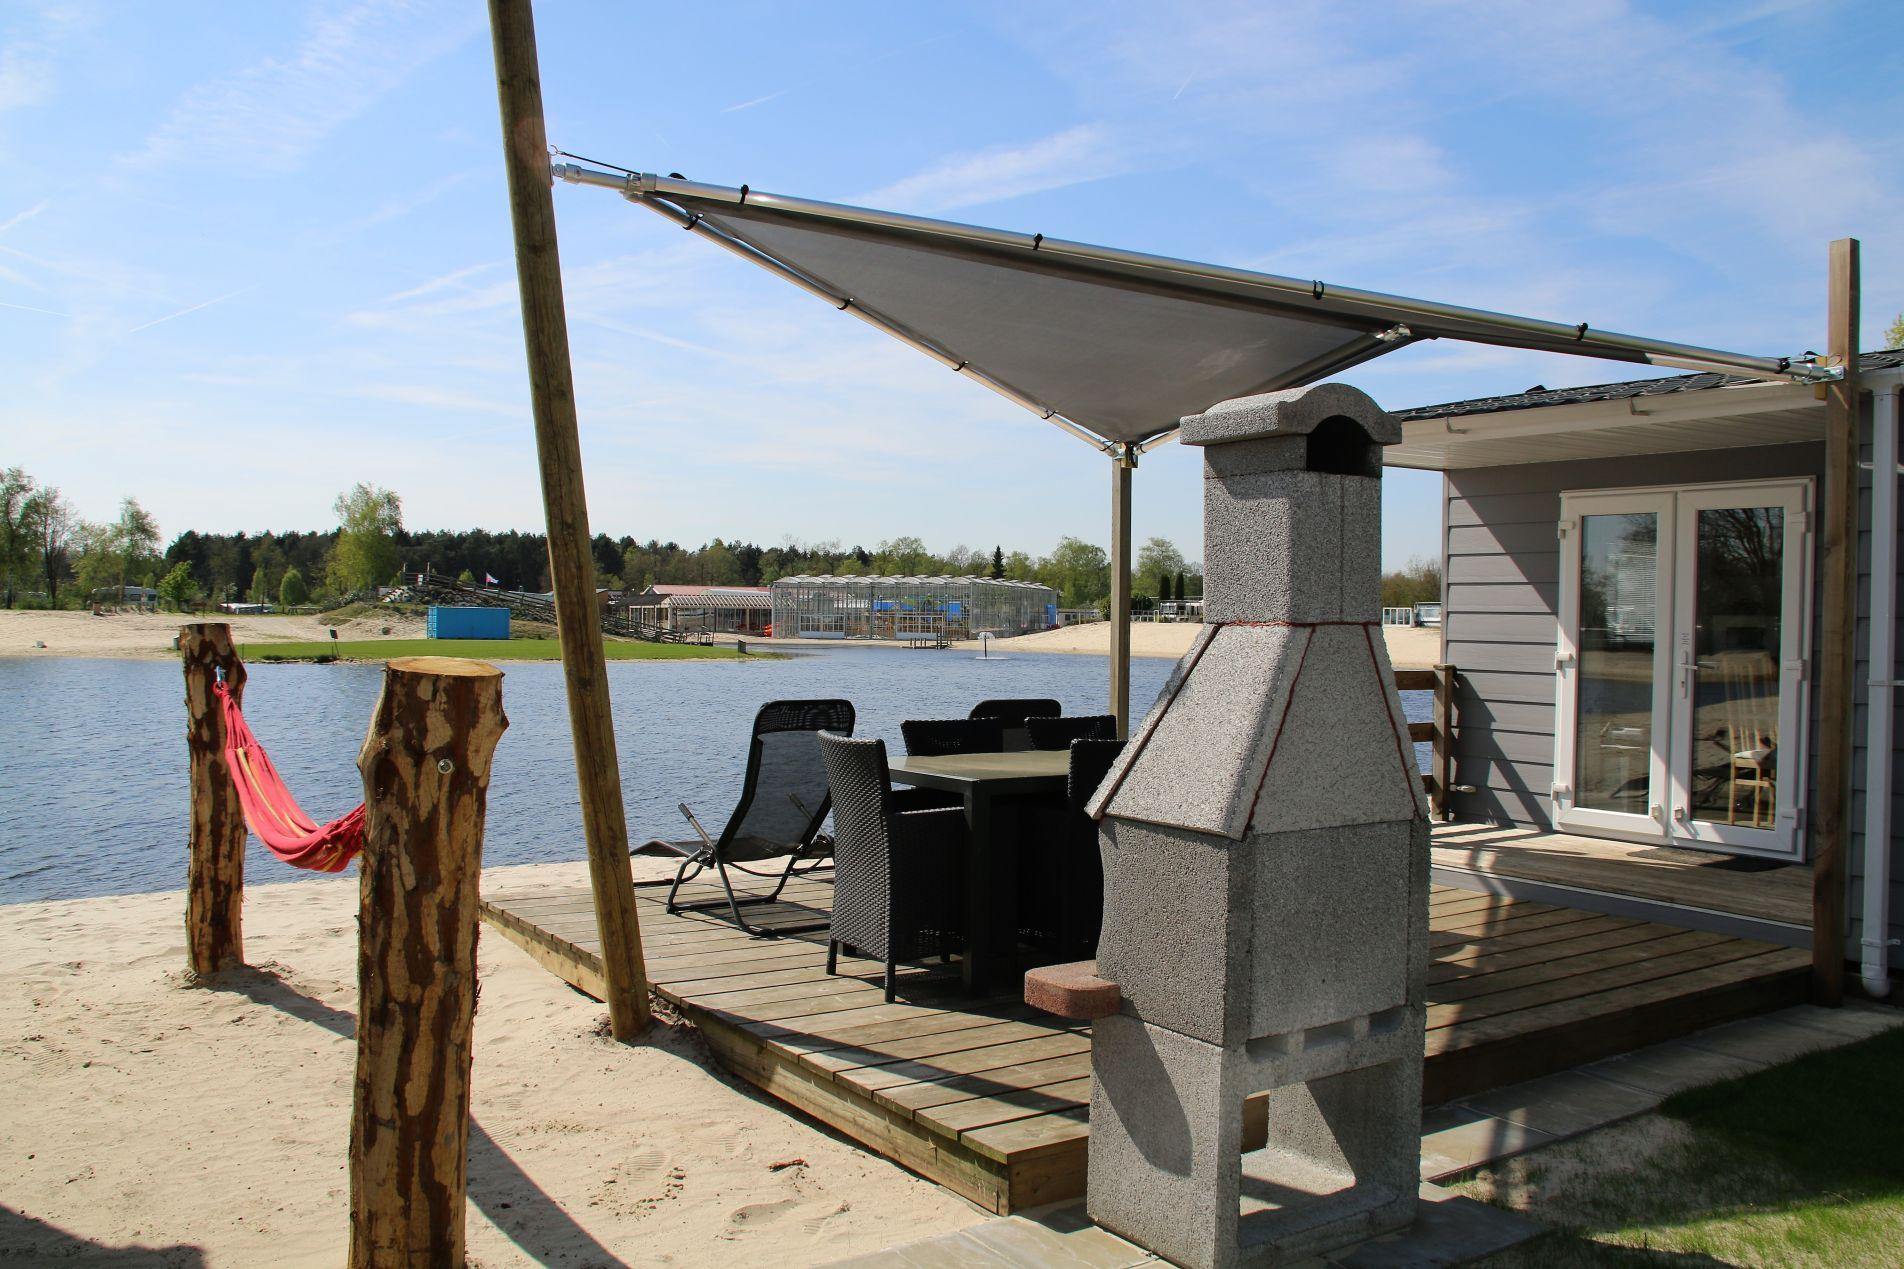 Vakantiepark herfstvakantie - vakantie tijdens de herfstvakantie in Overijssel